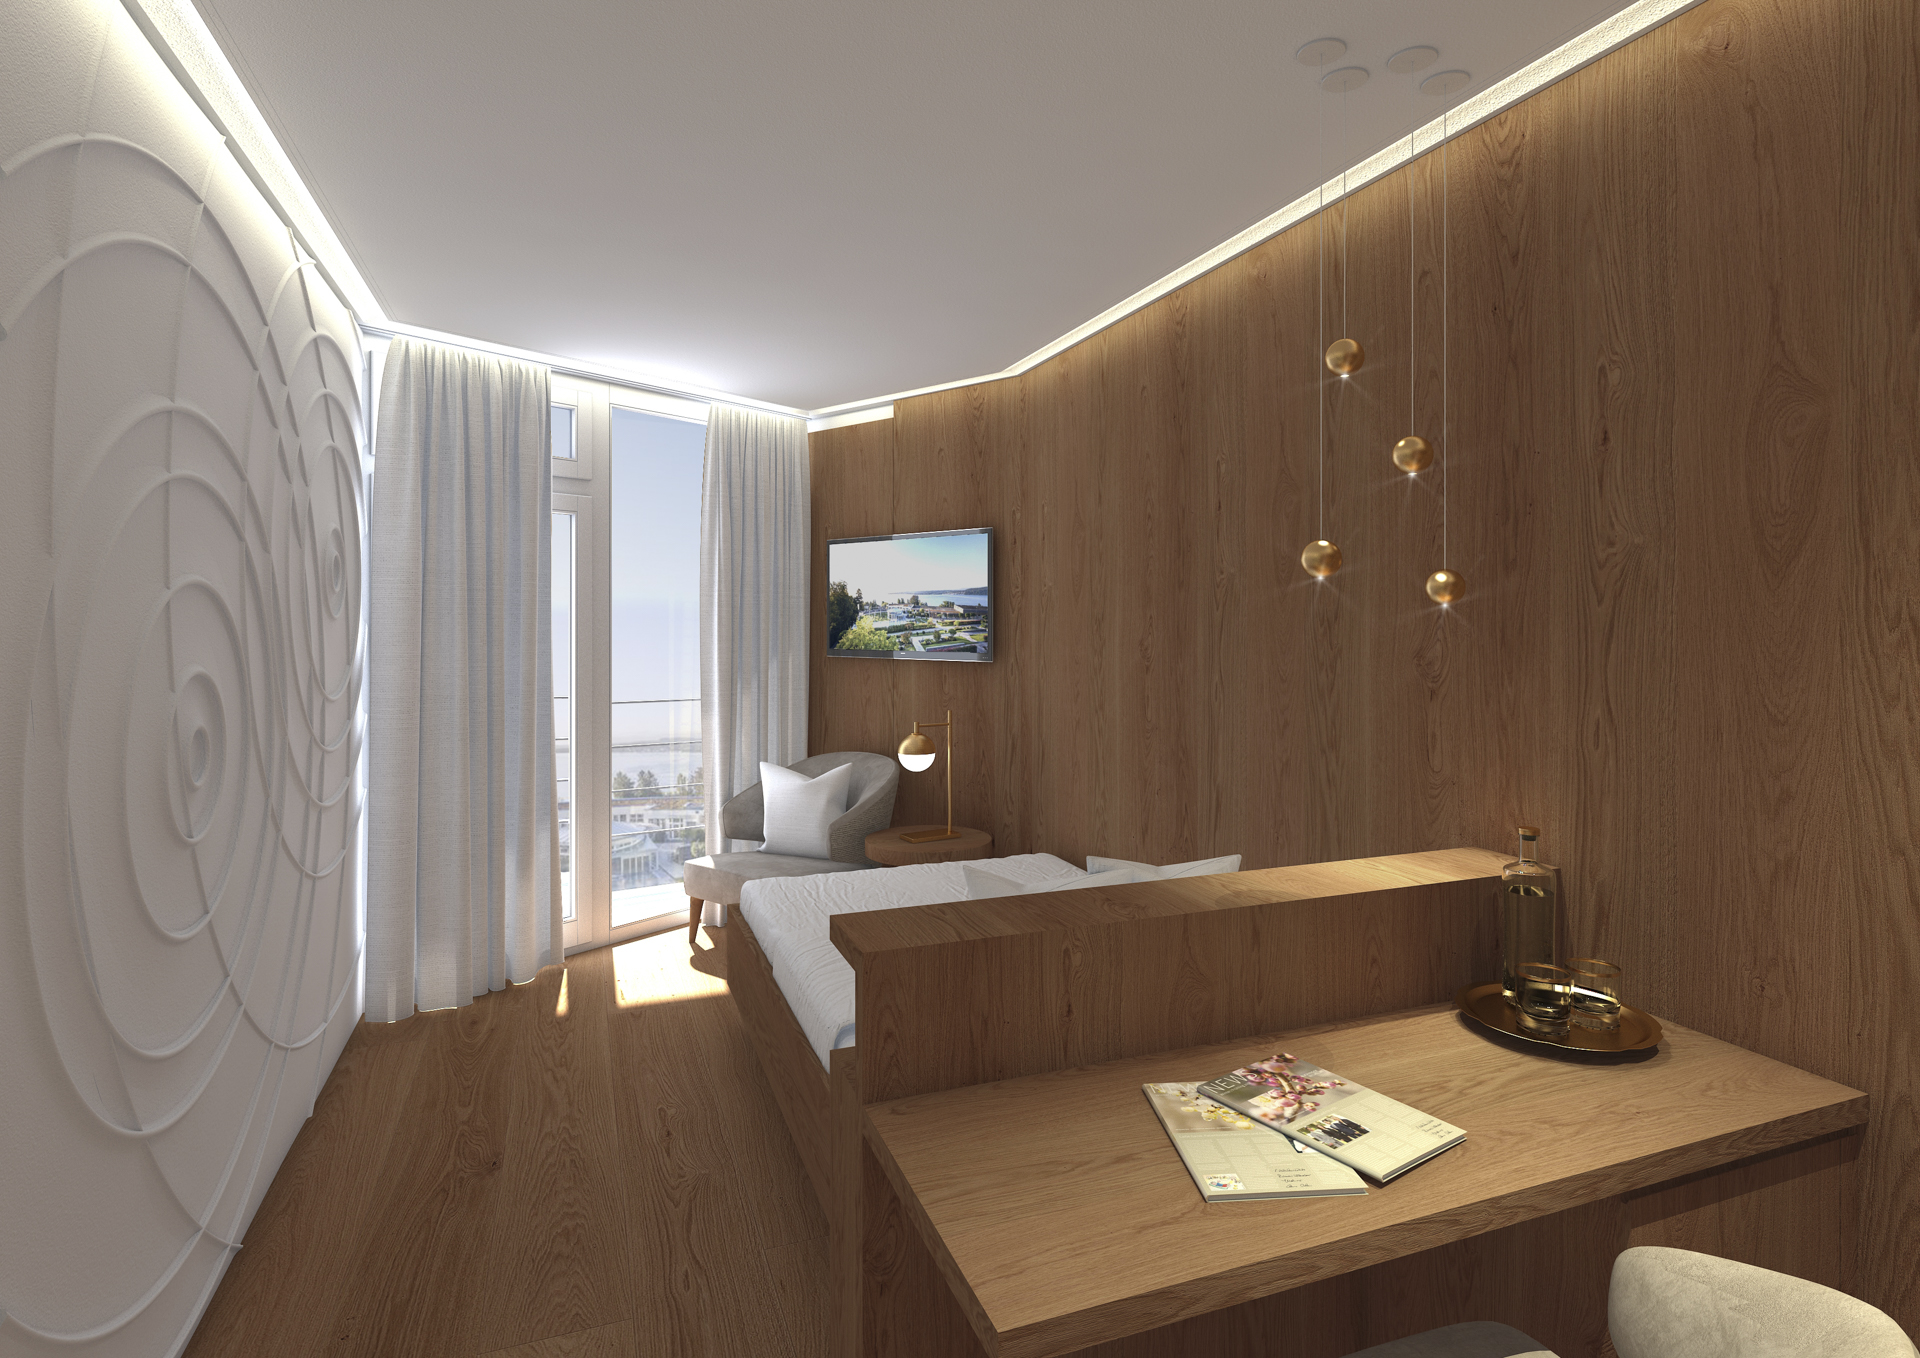 tischlerei-decker-visualisierungen-Buchinger-kleines-Doppelzimmer